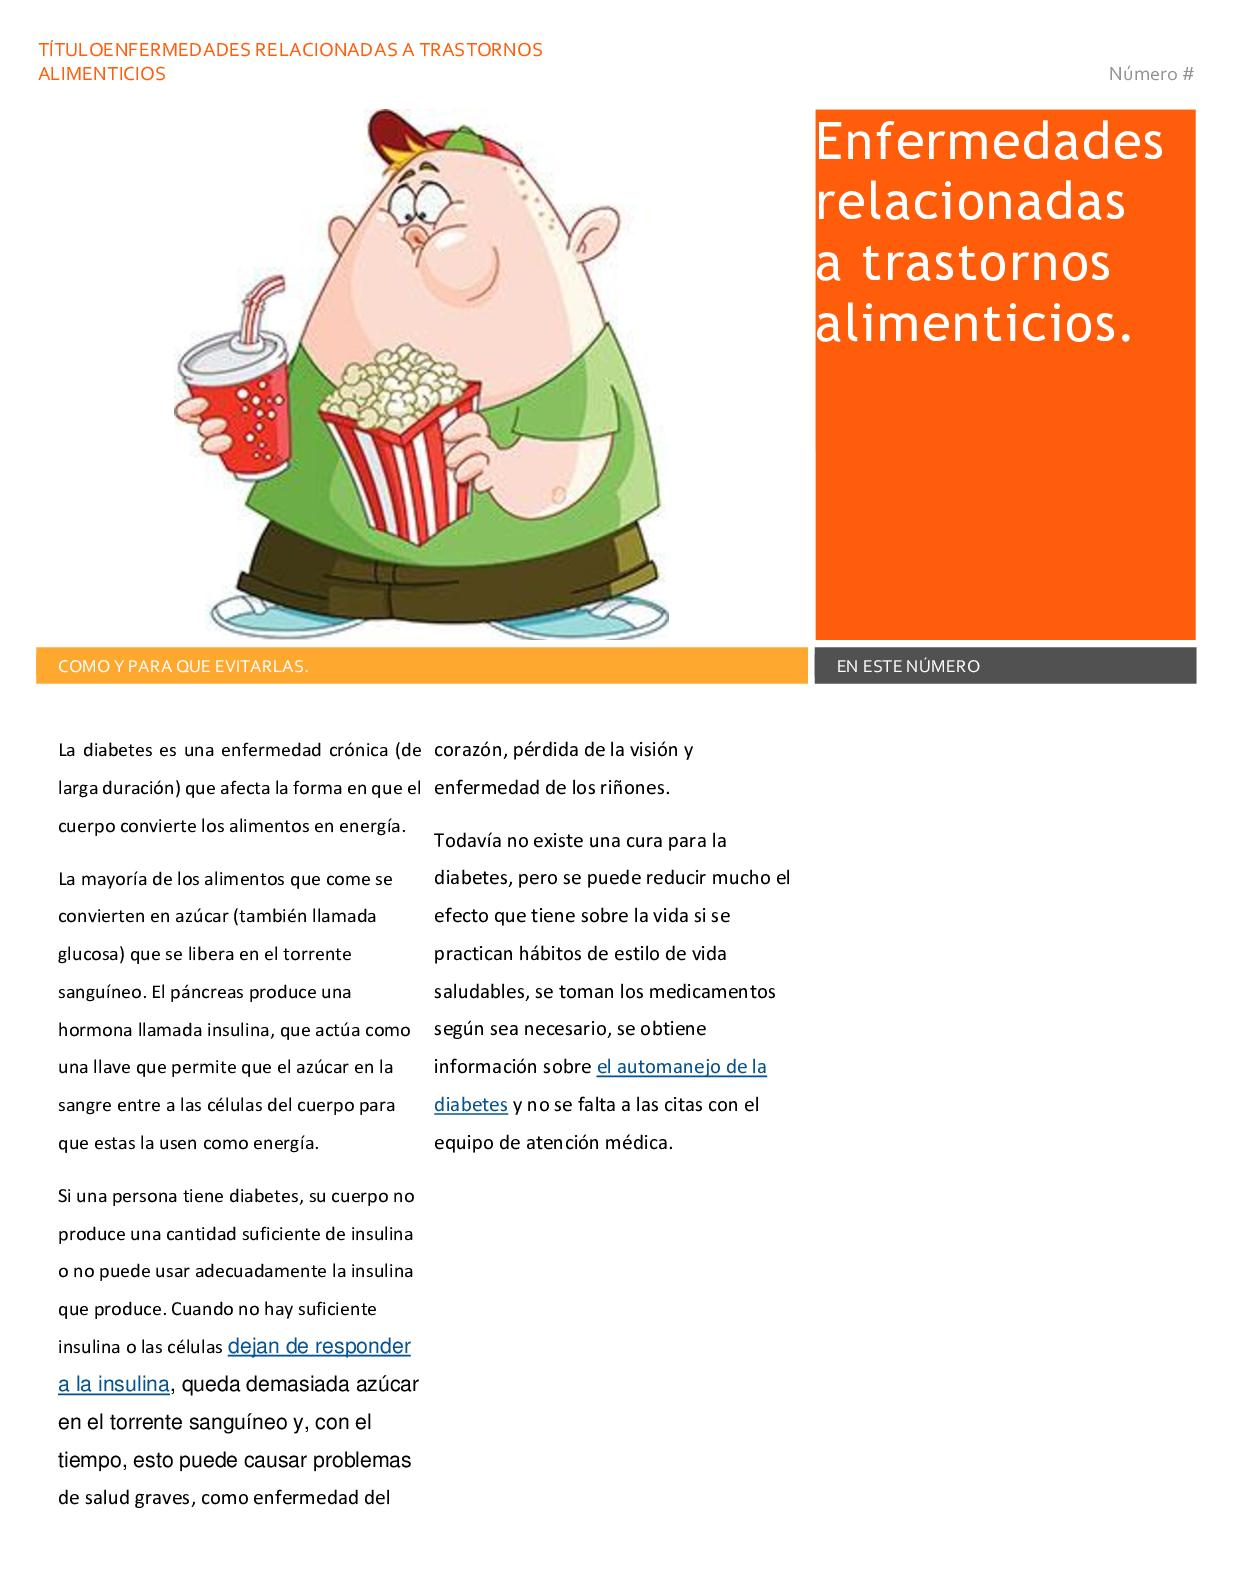 diabetes y enfermedades relacionadas